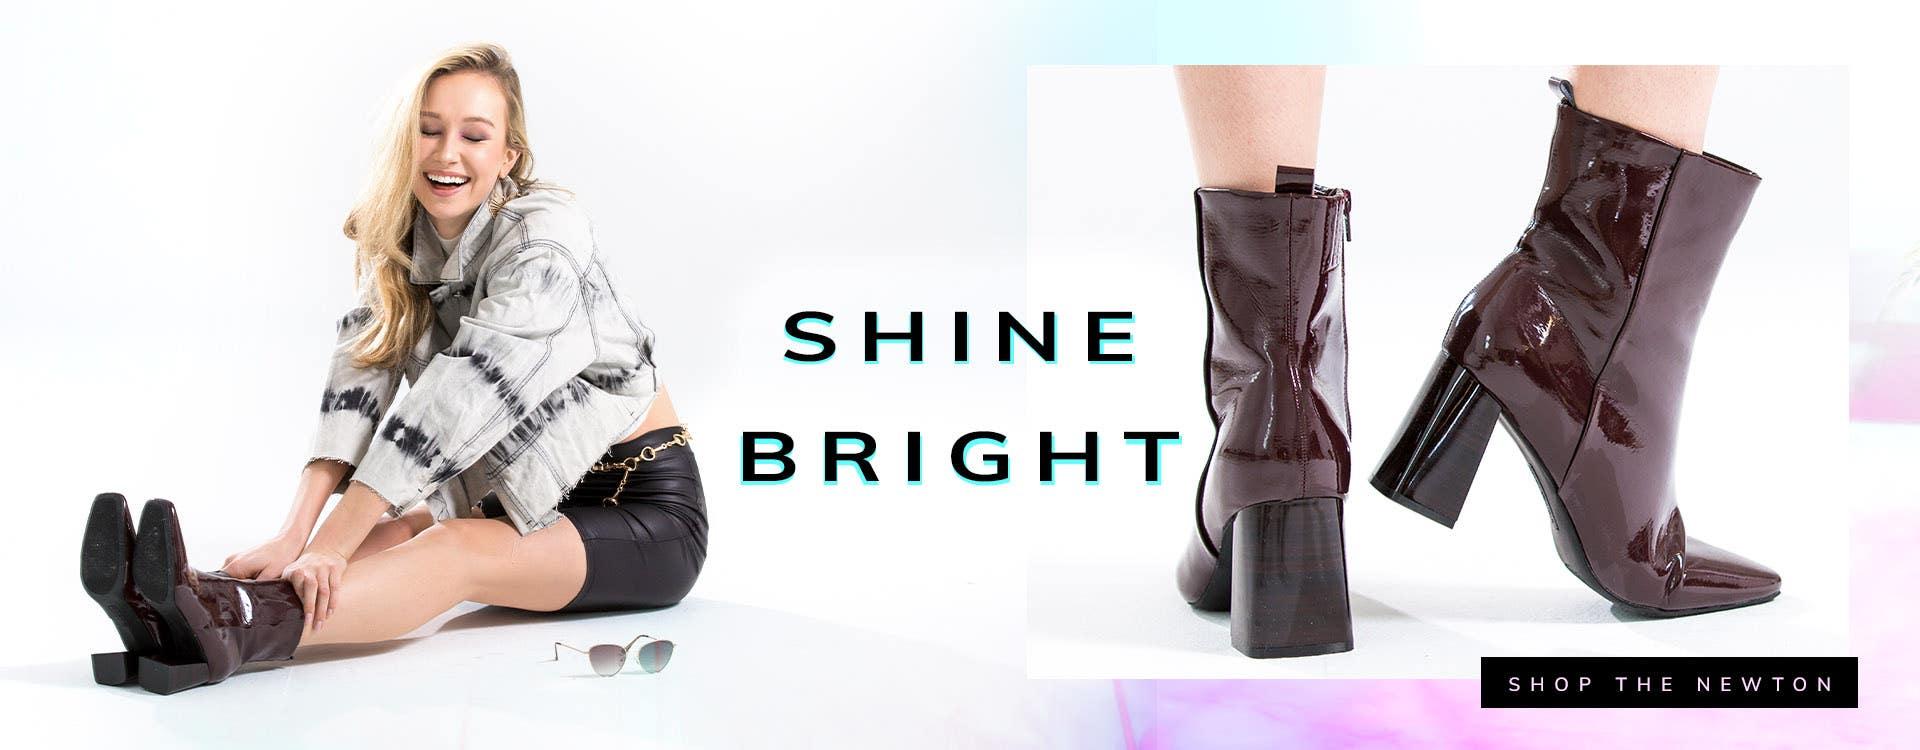 Shine Bright | Shop the Newton